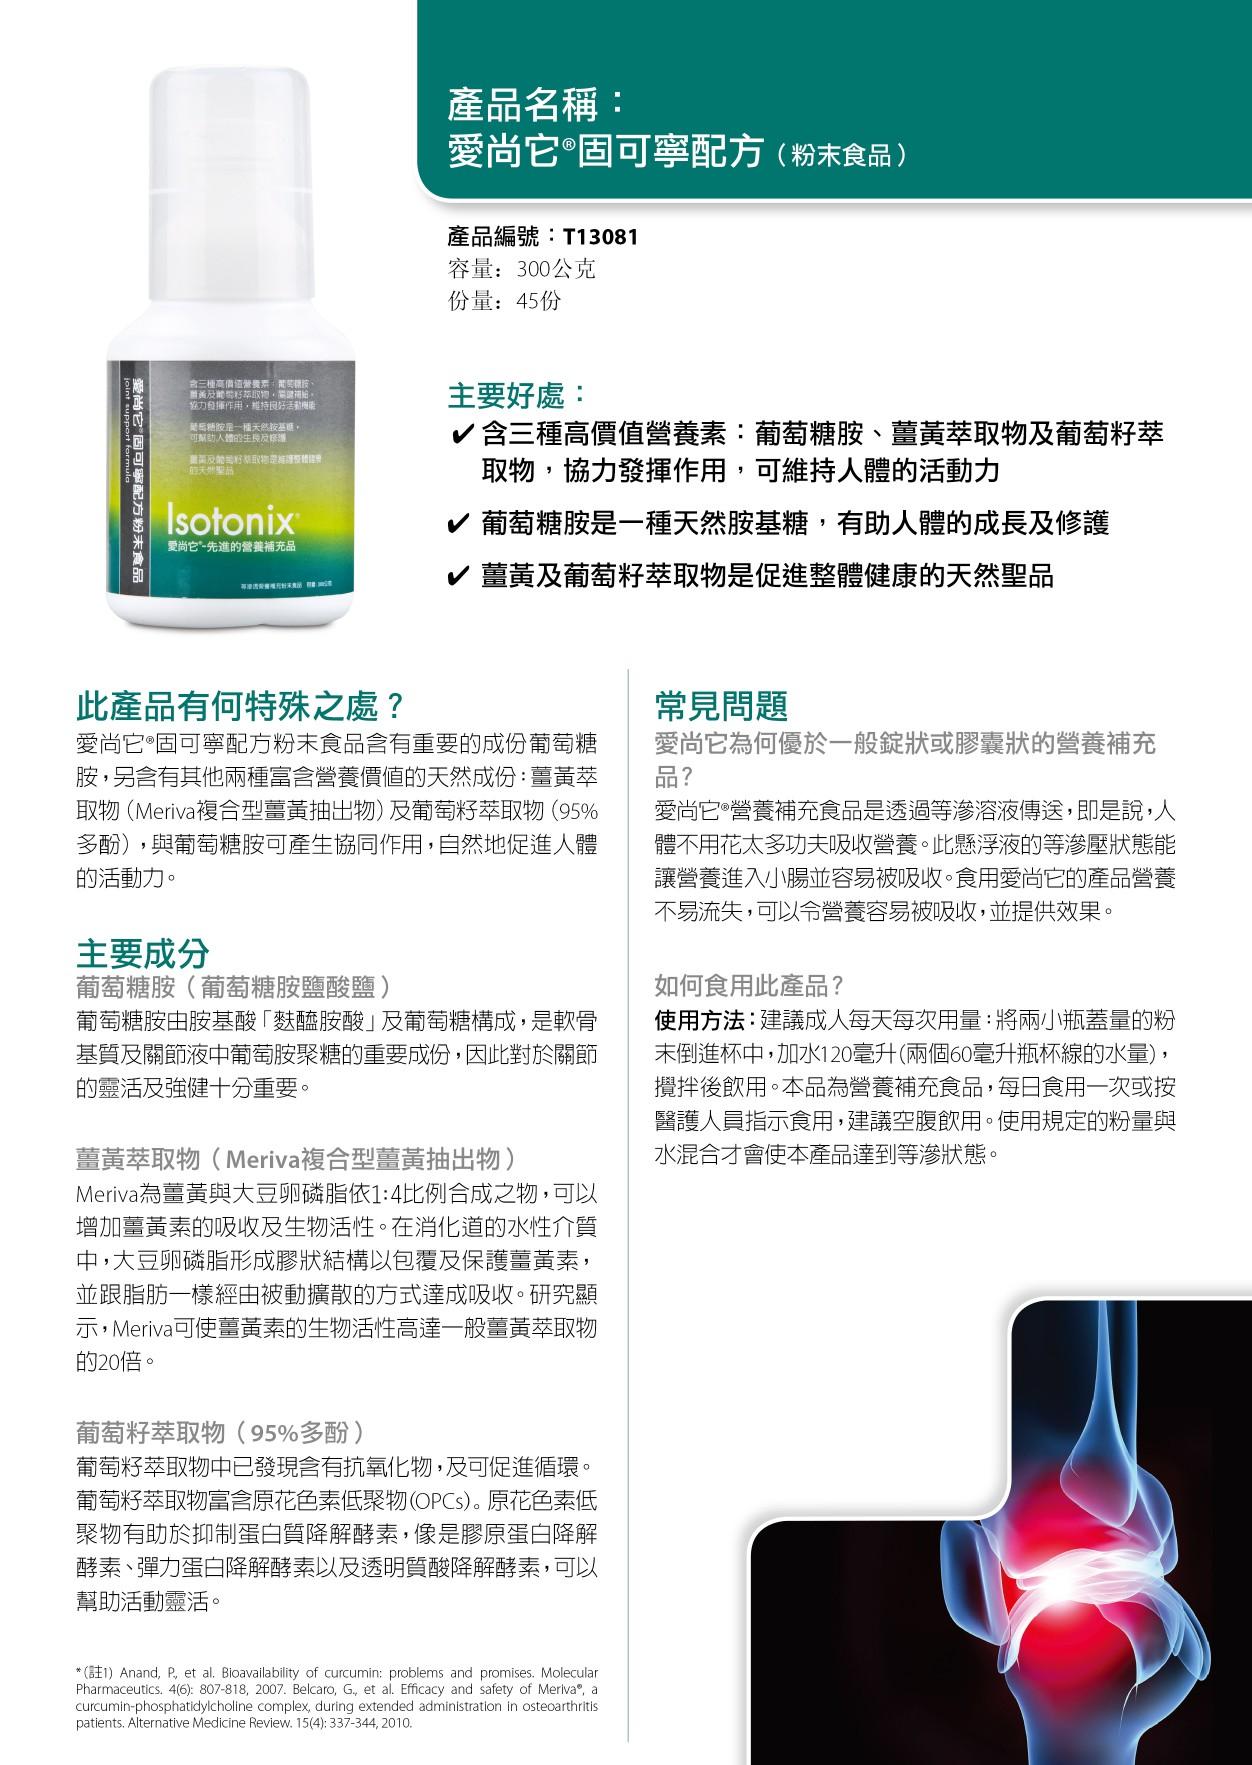 美安DM025-愛尚它®固可寧配方粉末食品_產品資訊- 100張